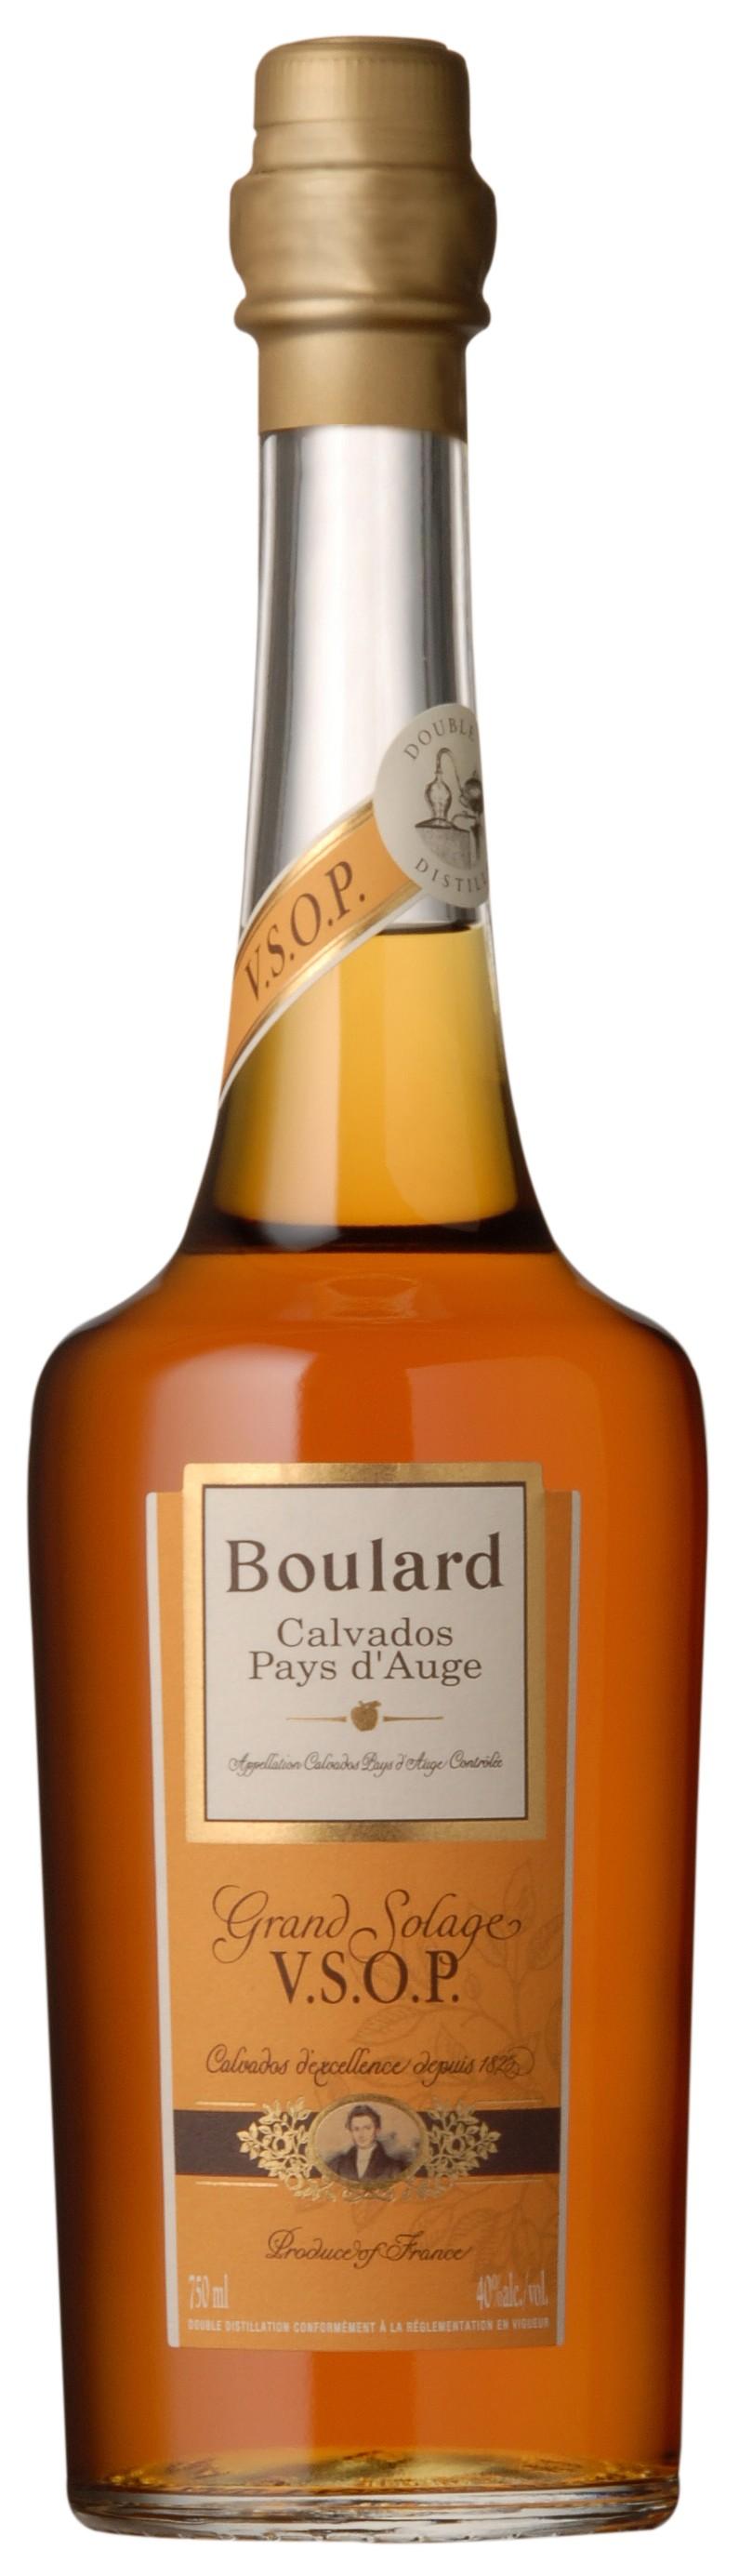 Boulard - Grand Solage Calvados